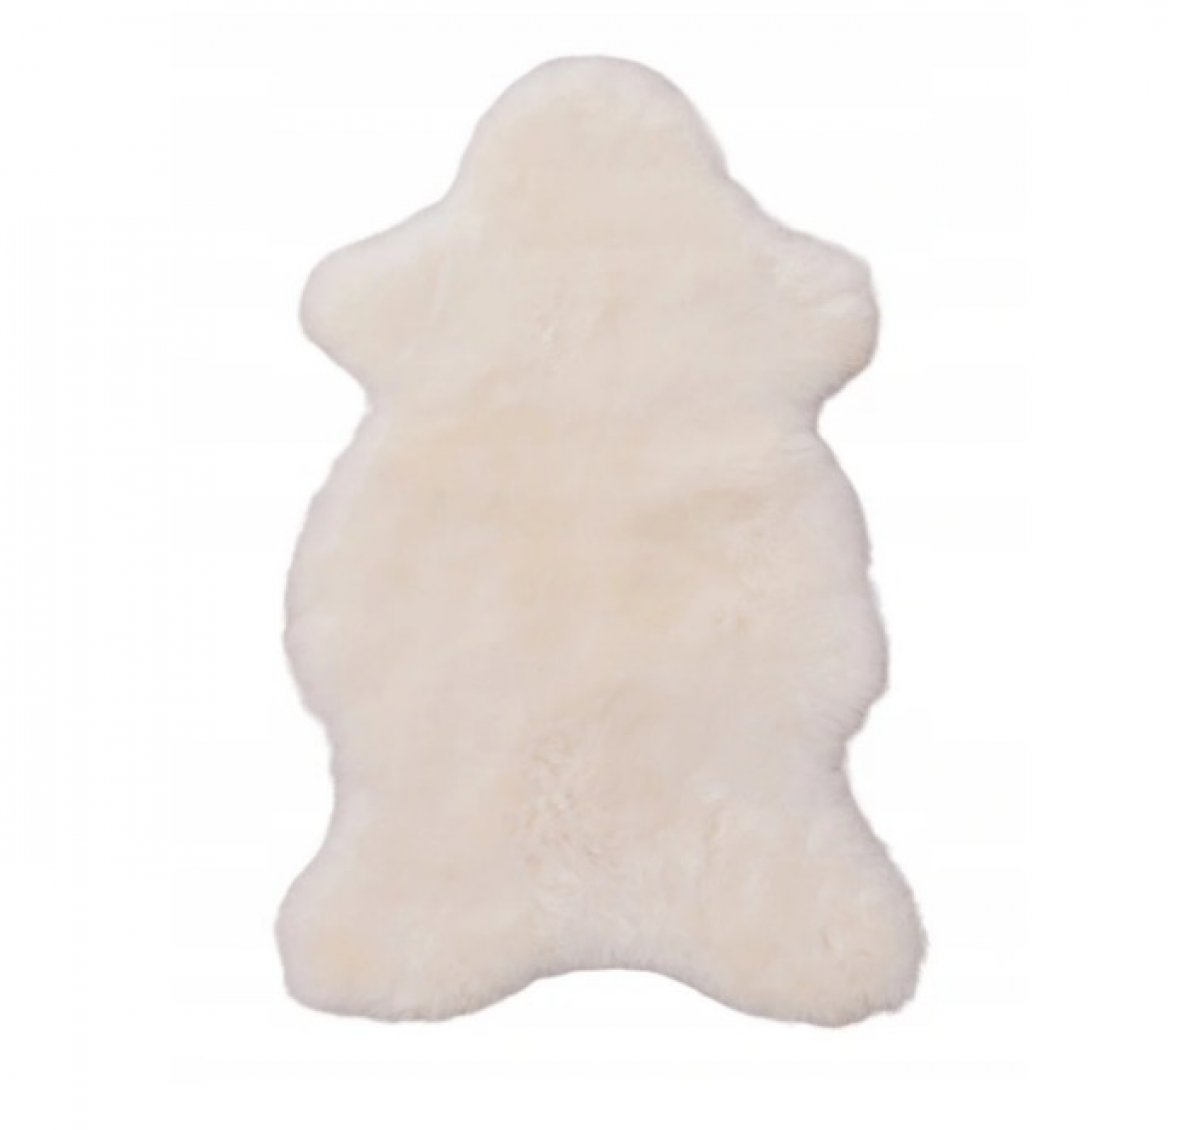 Ovčí kožešina 100% přírodní 100-120 cm bílá krátký vlas